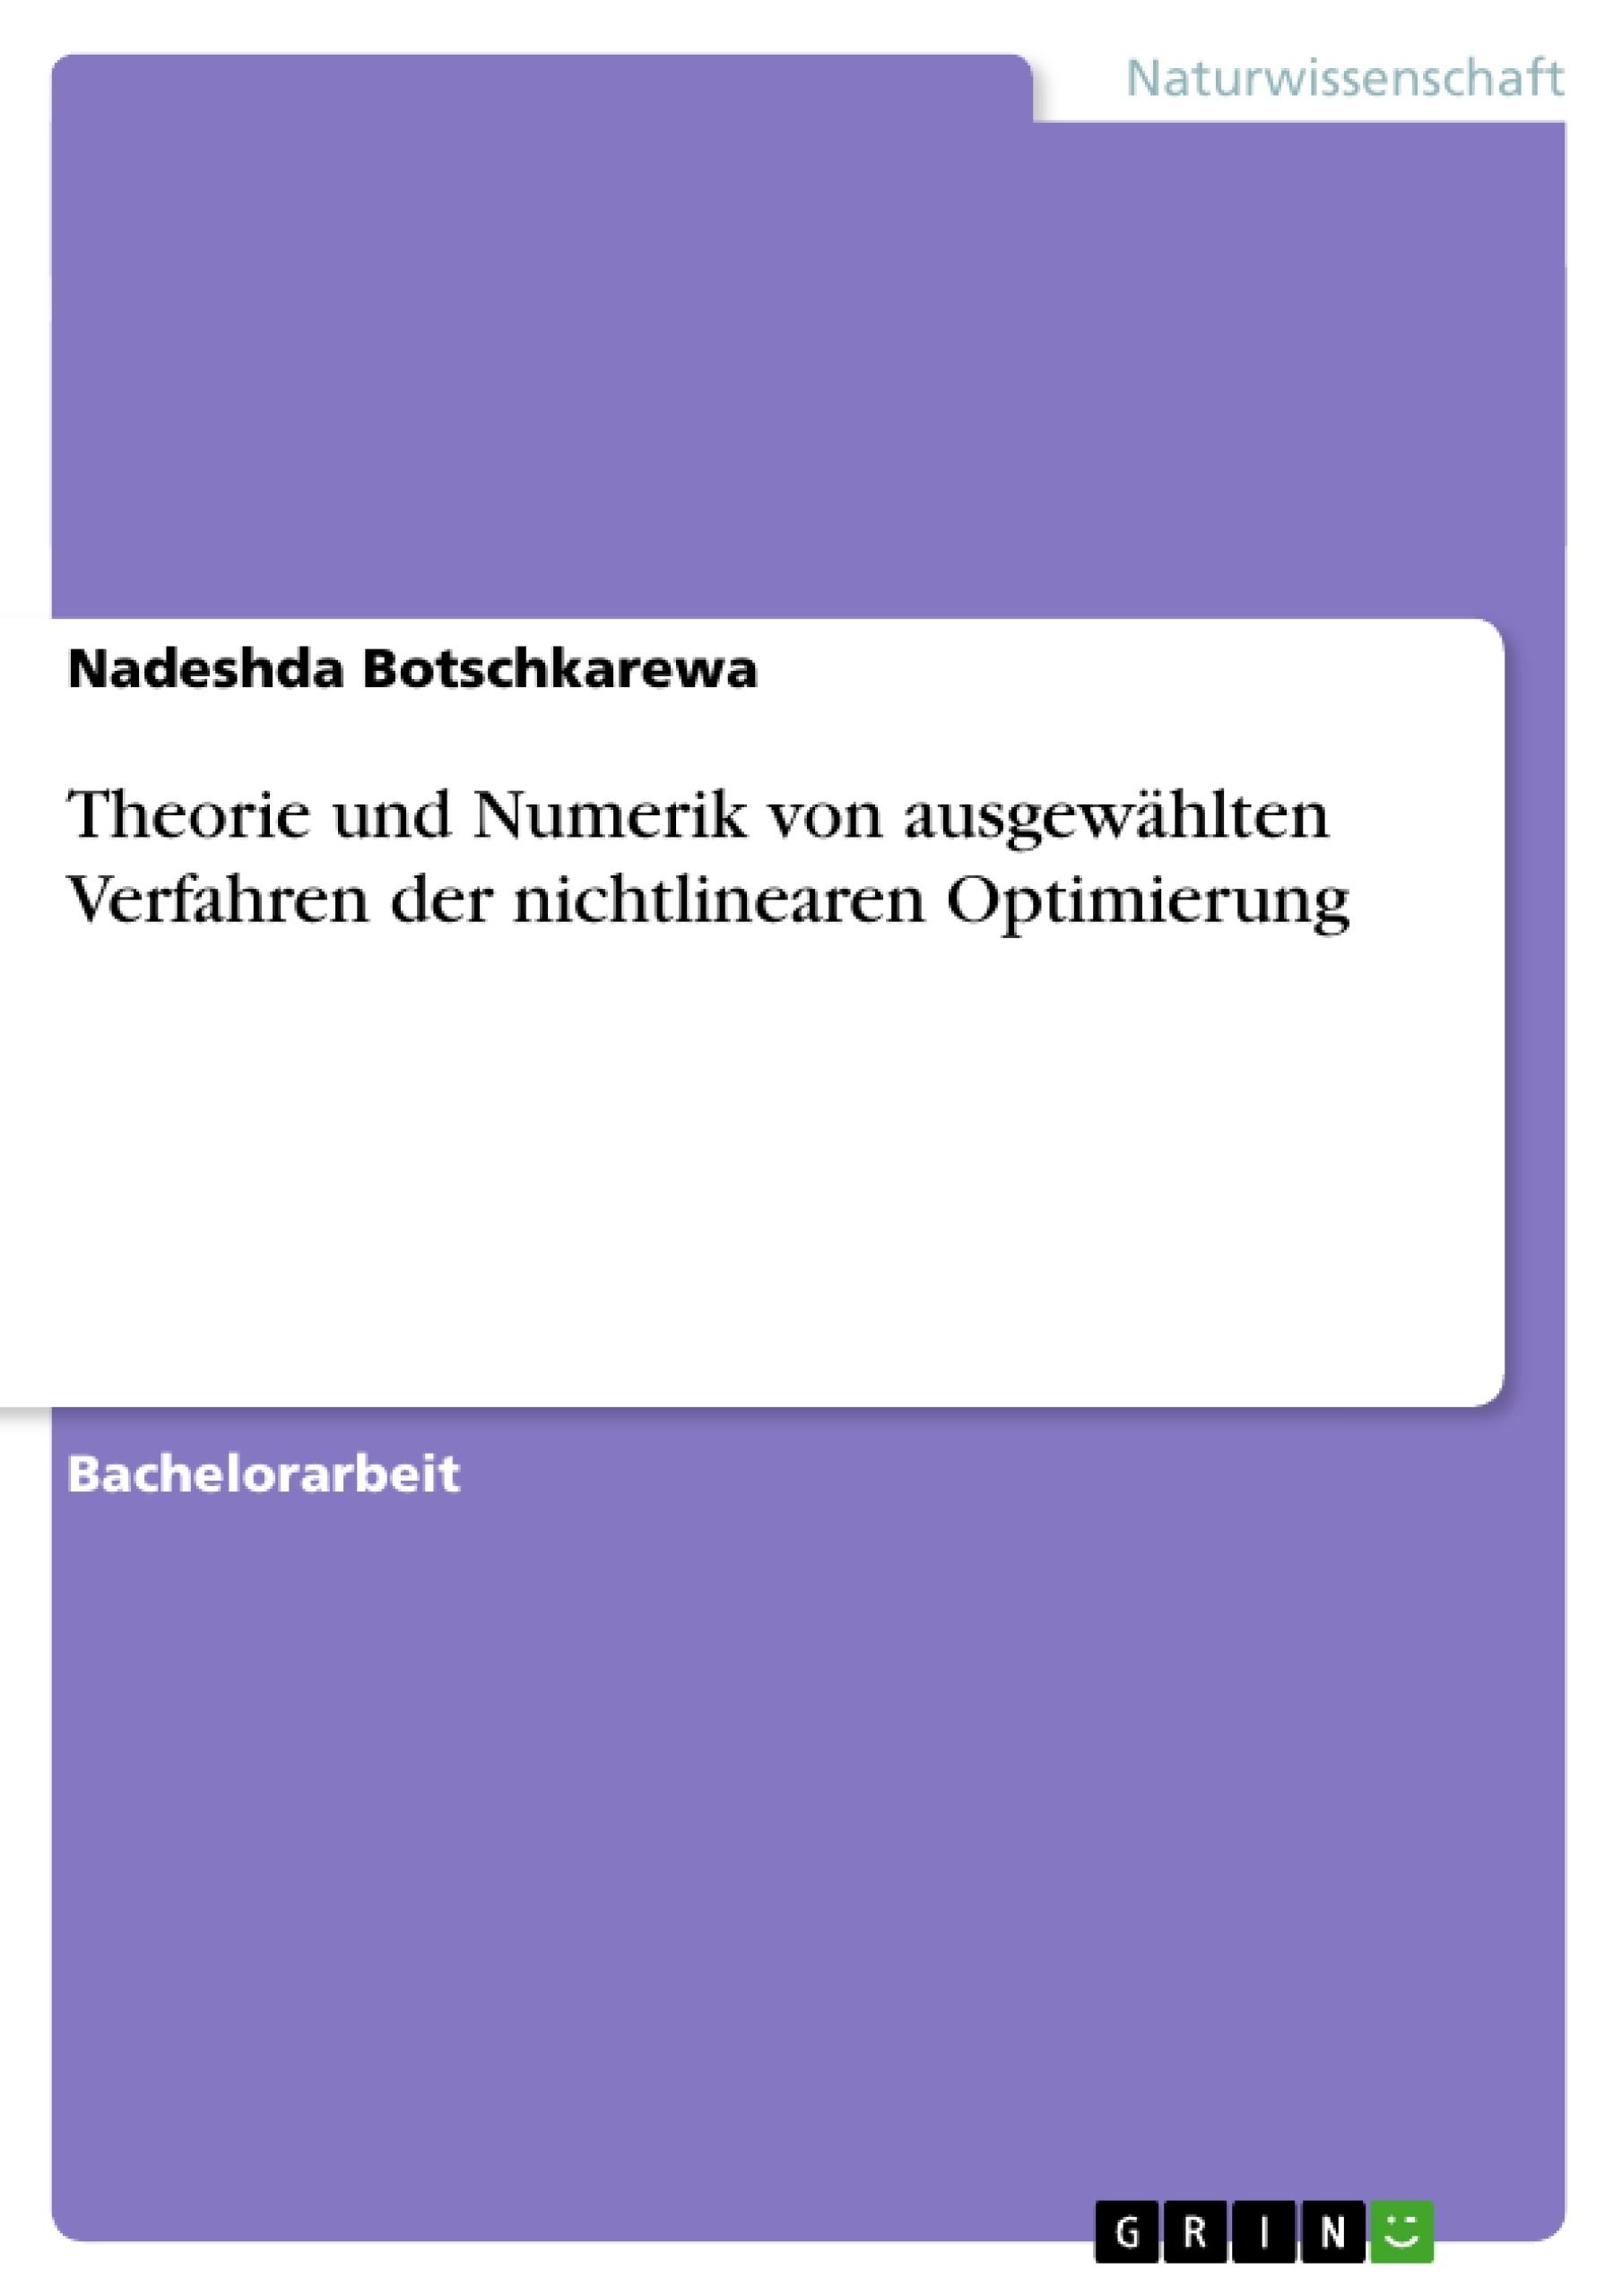 Titel: Theorie und Numerik von ausgewählten Verfahren der nichtlinearen Optimierung